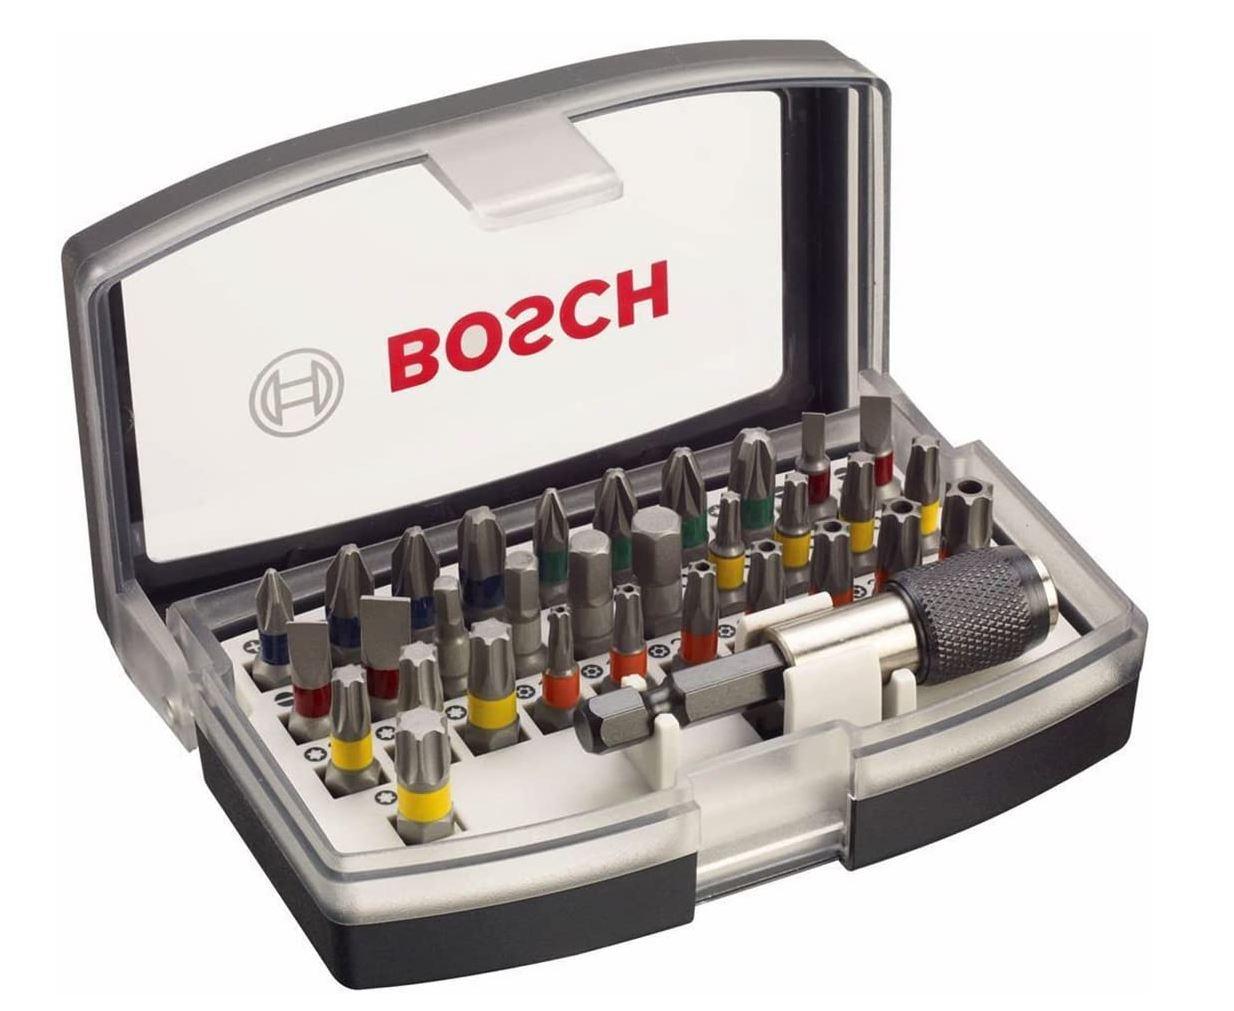 Bosch Professional 32tlg. Schrauberbit Set für nur 7,99€ inkl. Prime-Versand